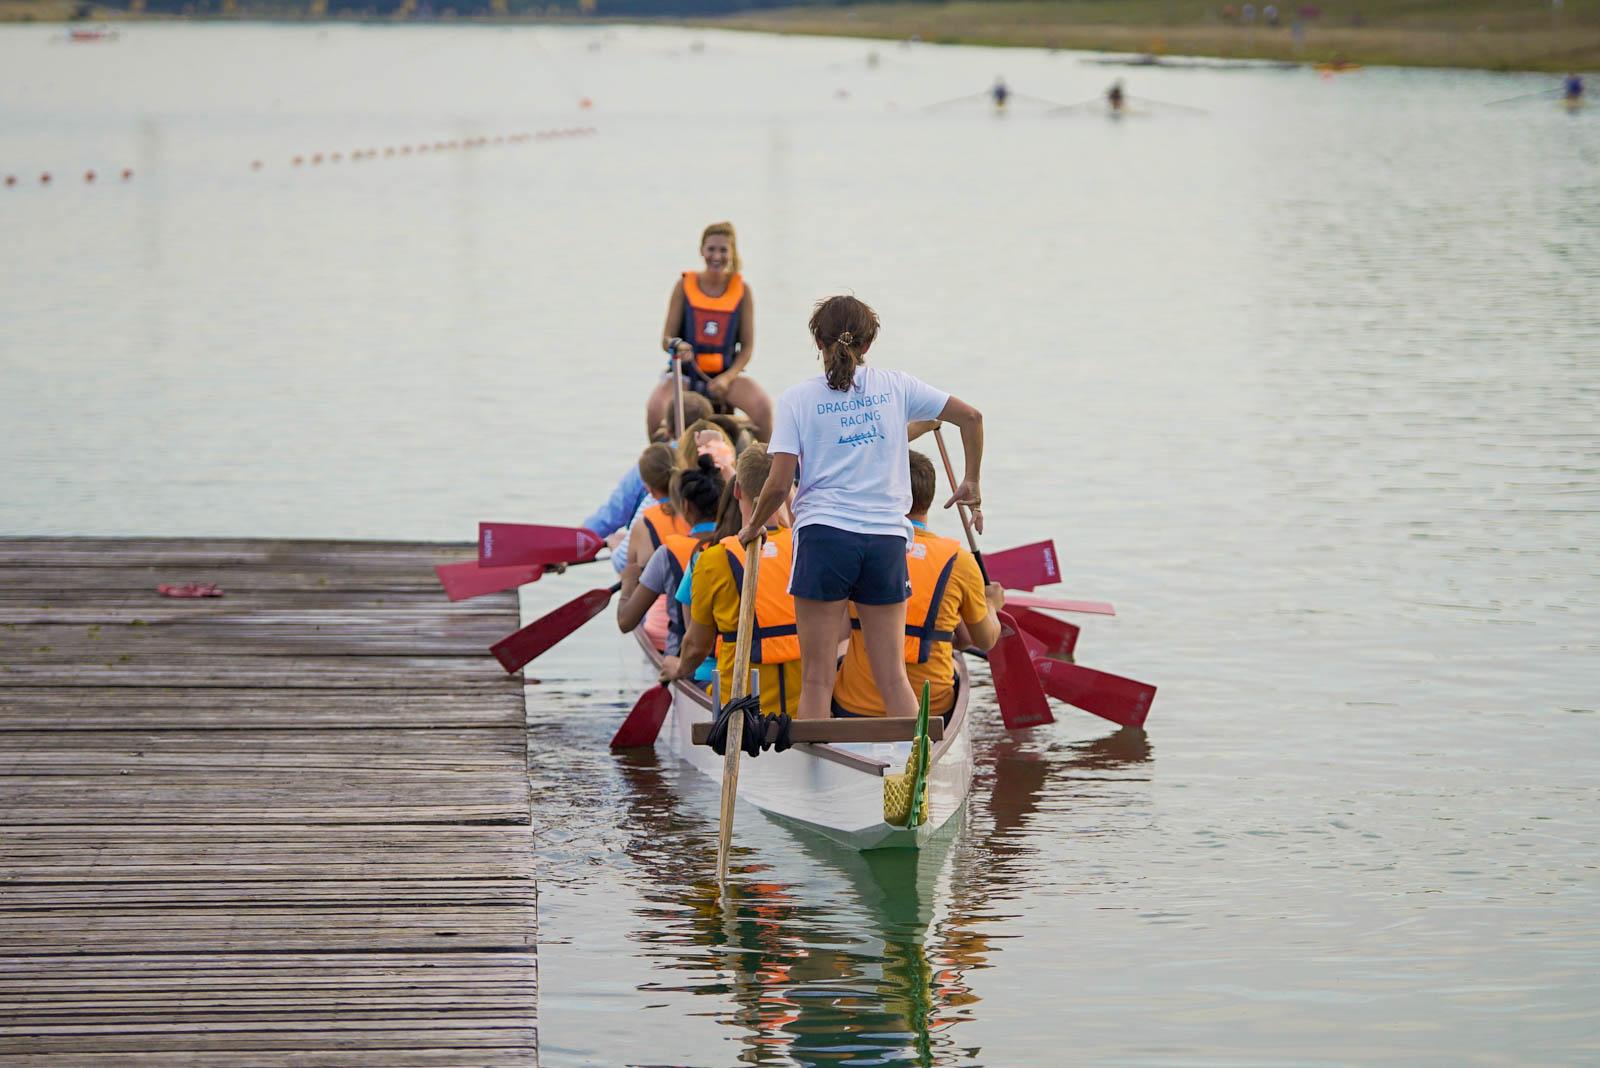 Der Trommel und der Steuermann losen das Drachenboot